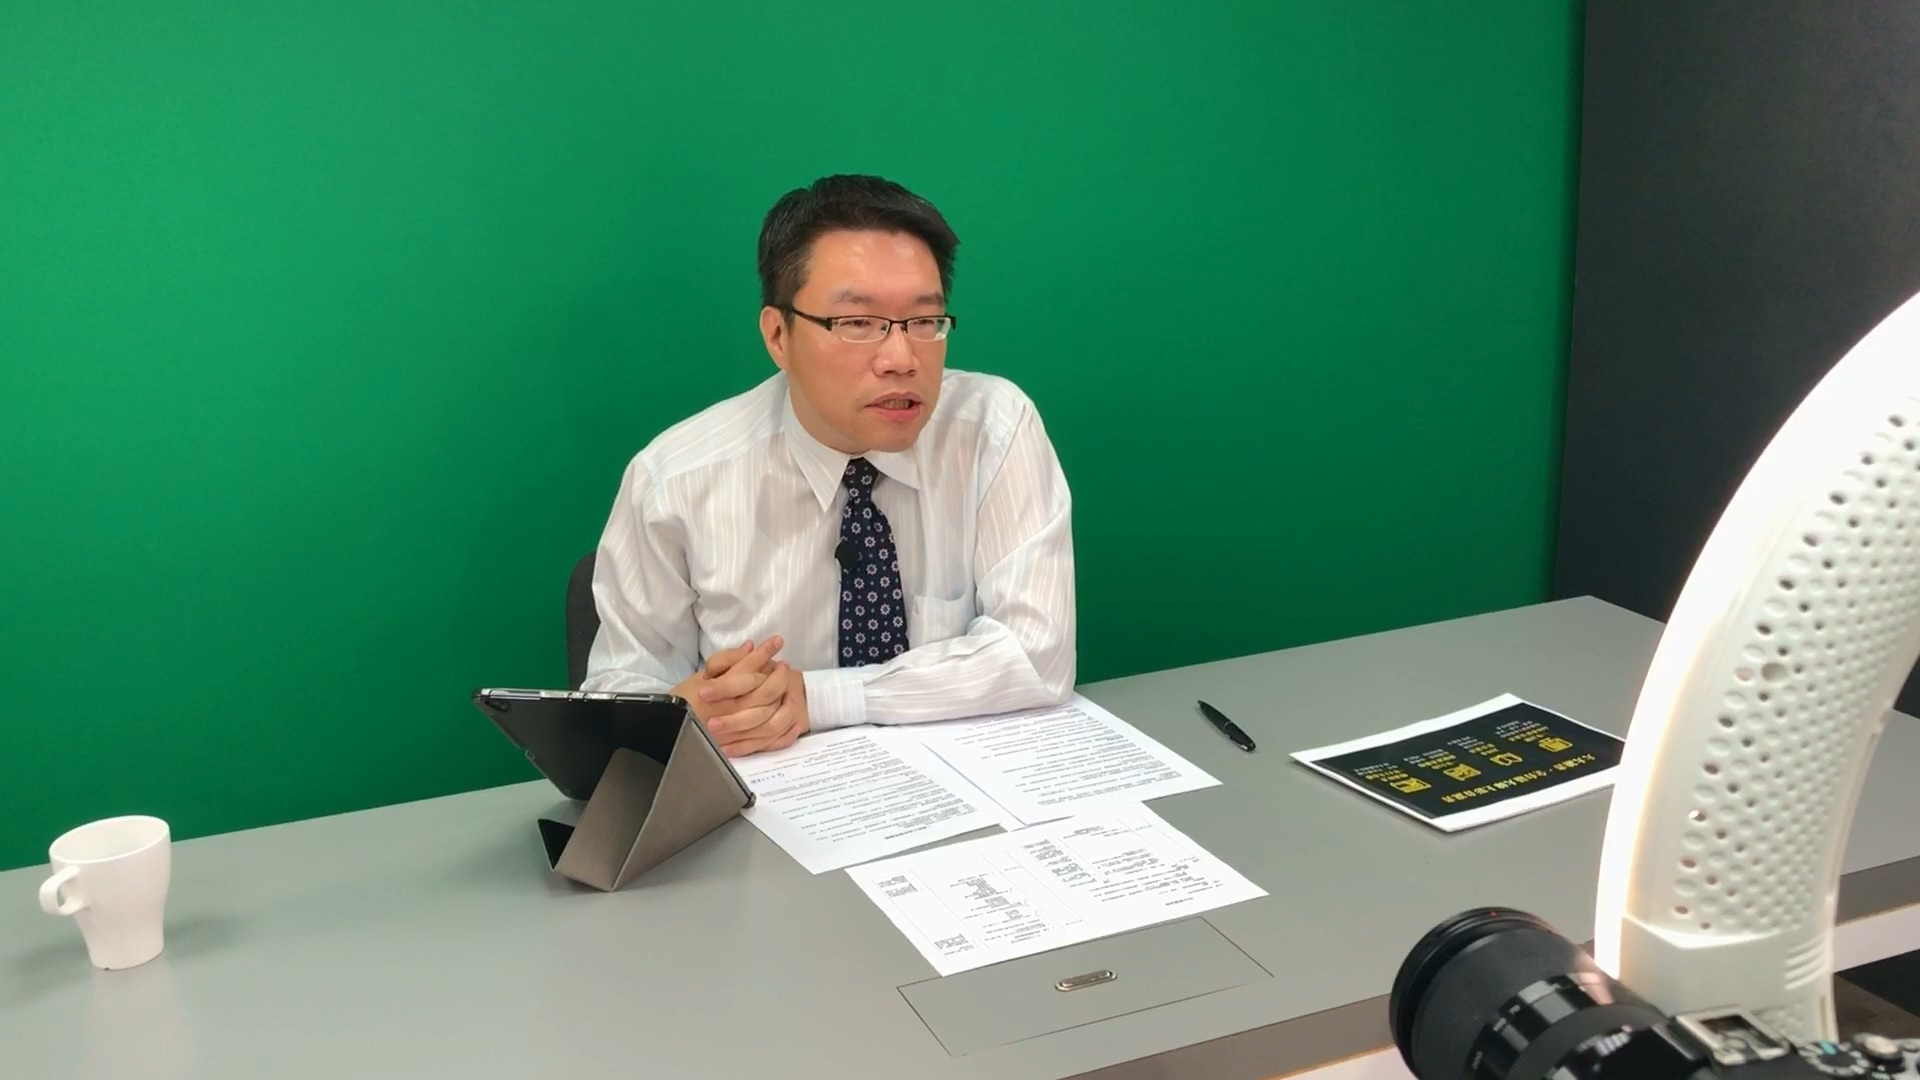 【三月主題】影音說書如何推動企業成為「學習型組織」?-專訪職場訓練名師謝文憲